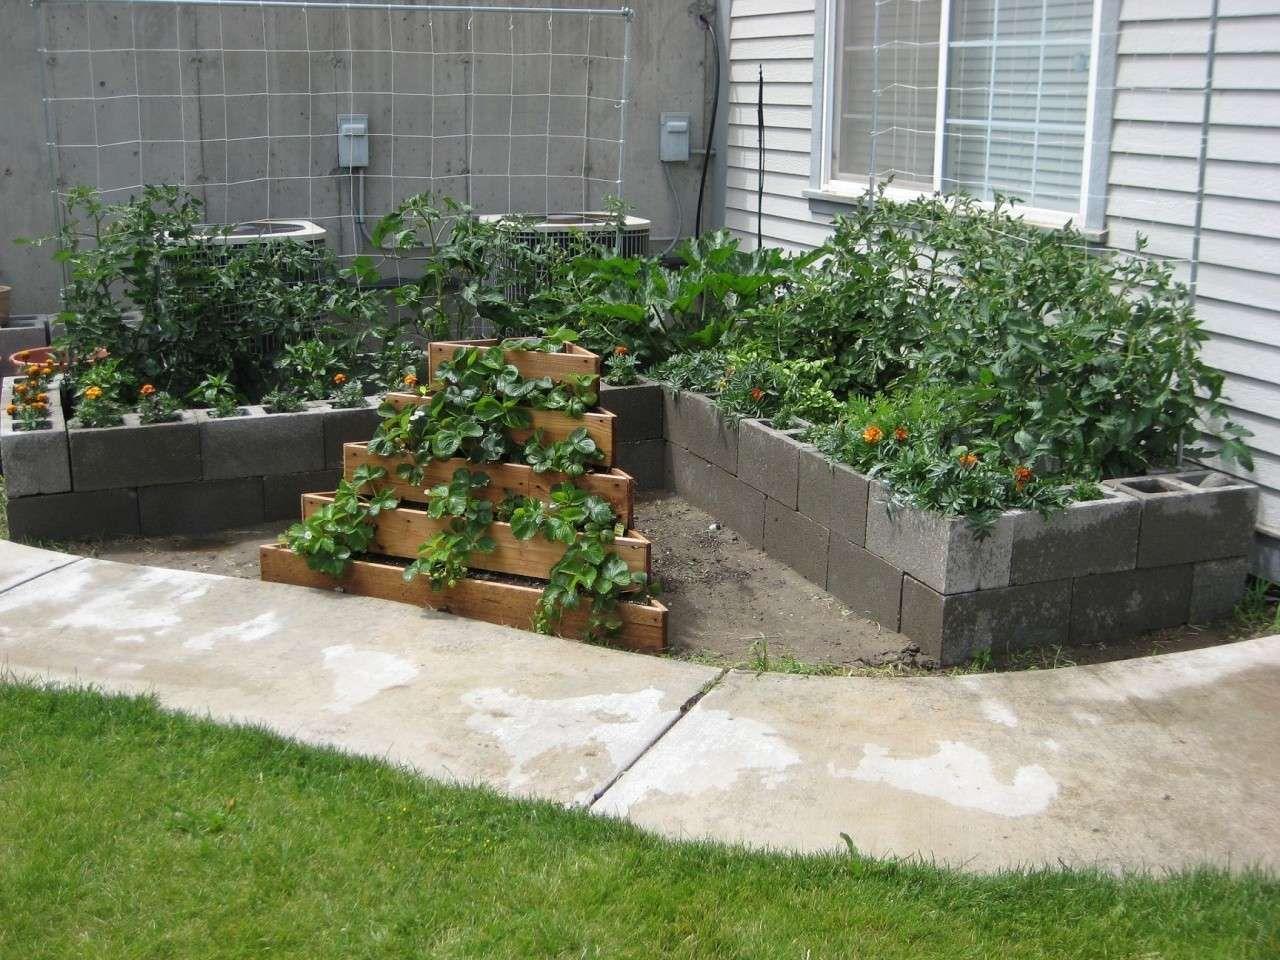 107 Best Concrete Block Gardens Images On Pinterest Gardening - raised bed garden design with concrete blocks